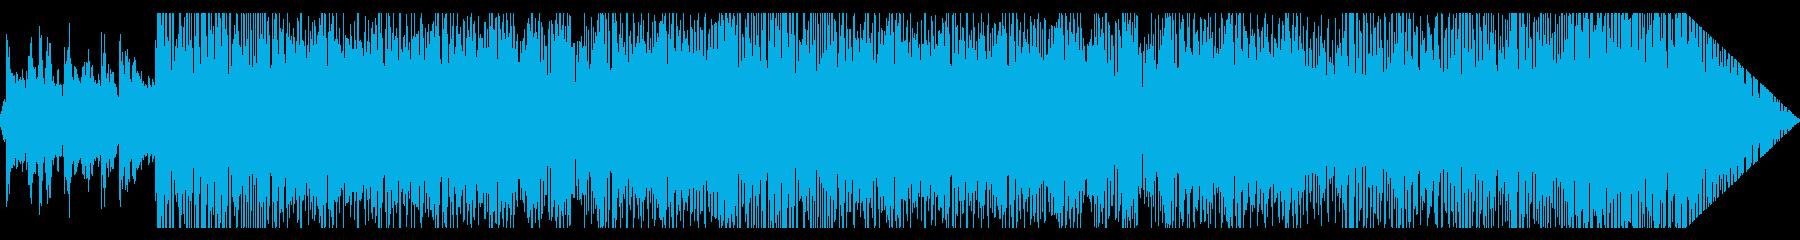 南米風ポップインストの再生済みの波形